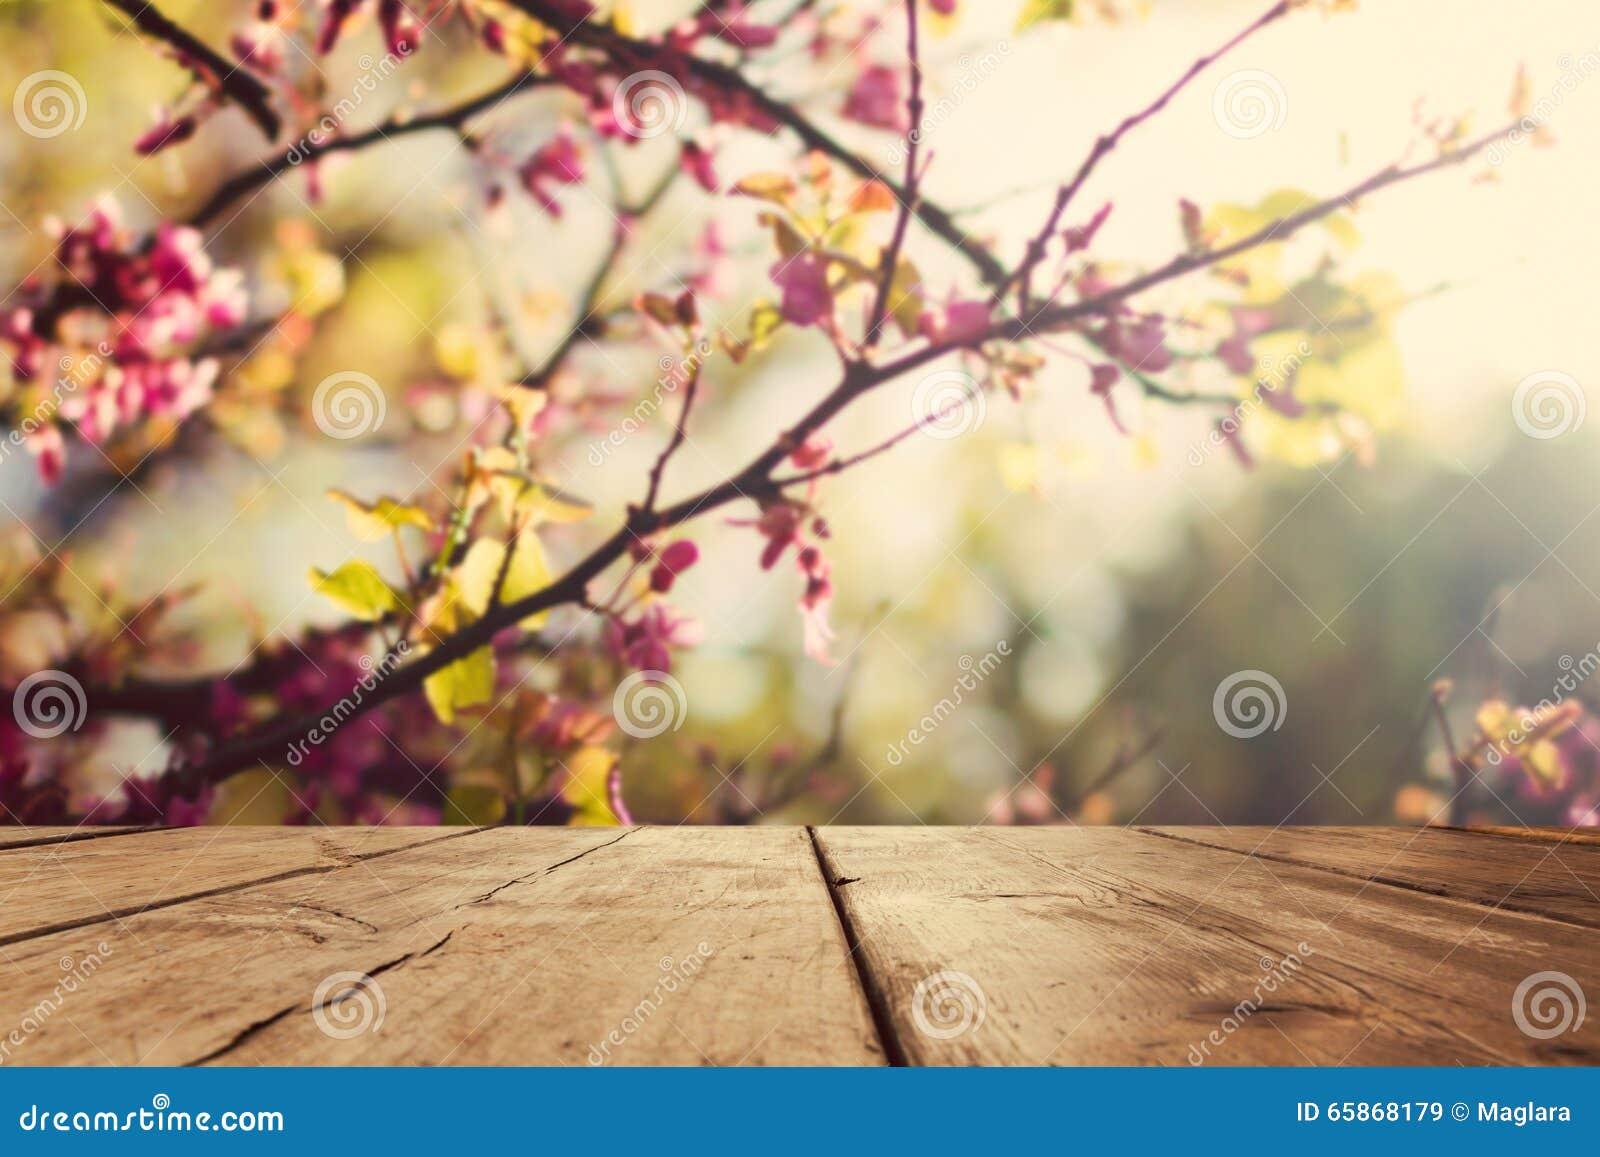 Svuoti il piano di appoggio d annata di legno sopra il fondo del bokeh del fiore della molla